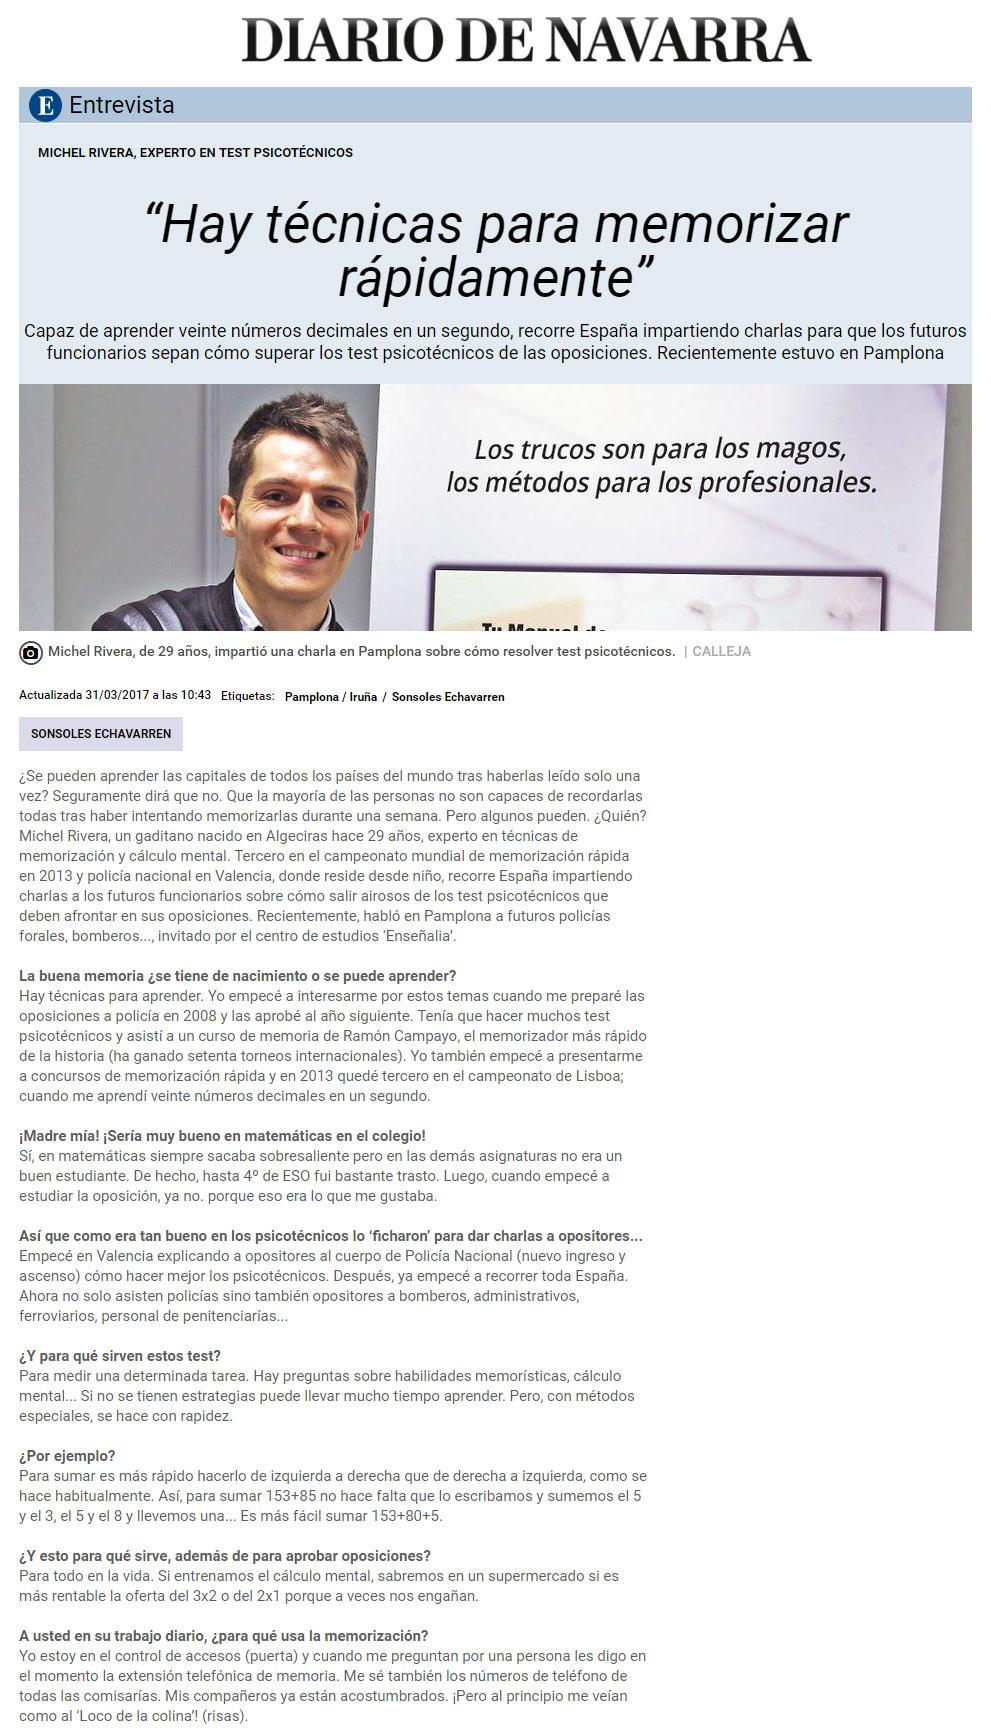 Míchel Rivera en el Diario de Navarra